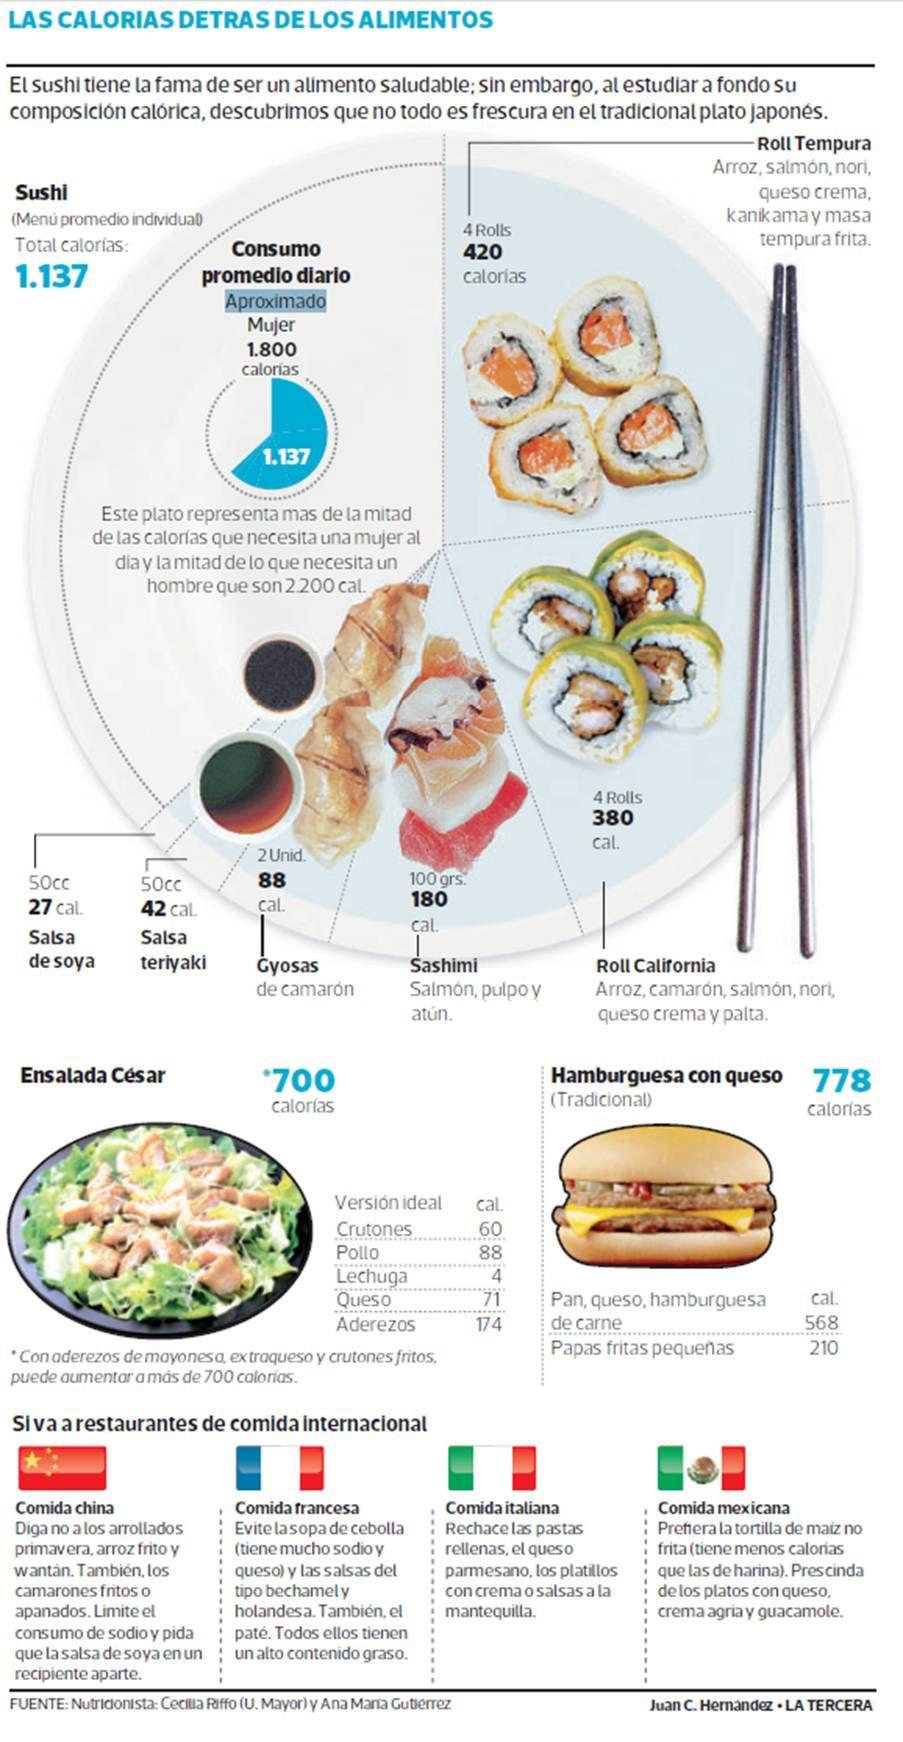 Fanatico Del Sushi Estudio Asegura Que Puede Contener Mas